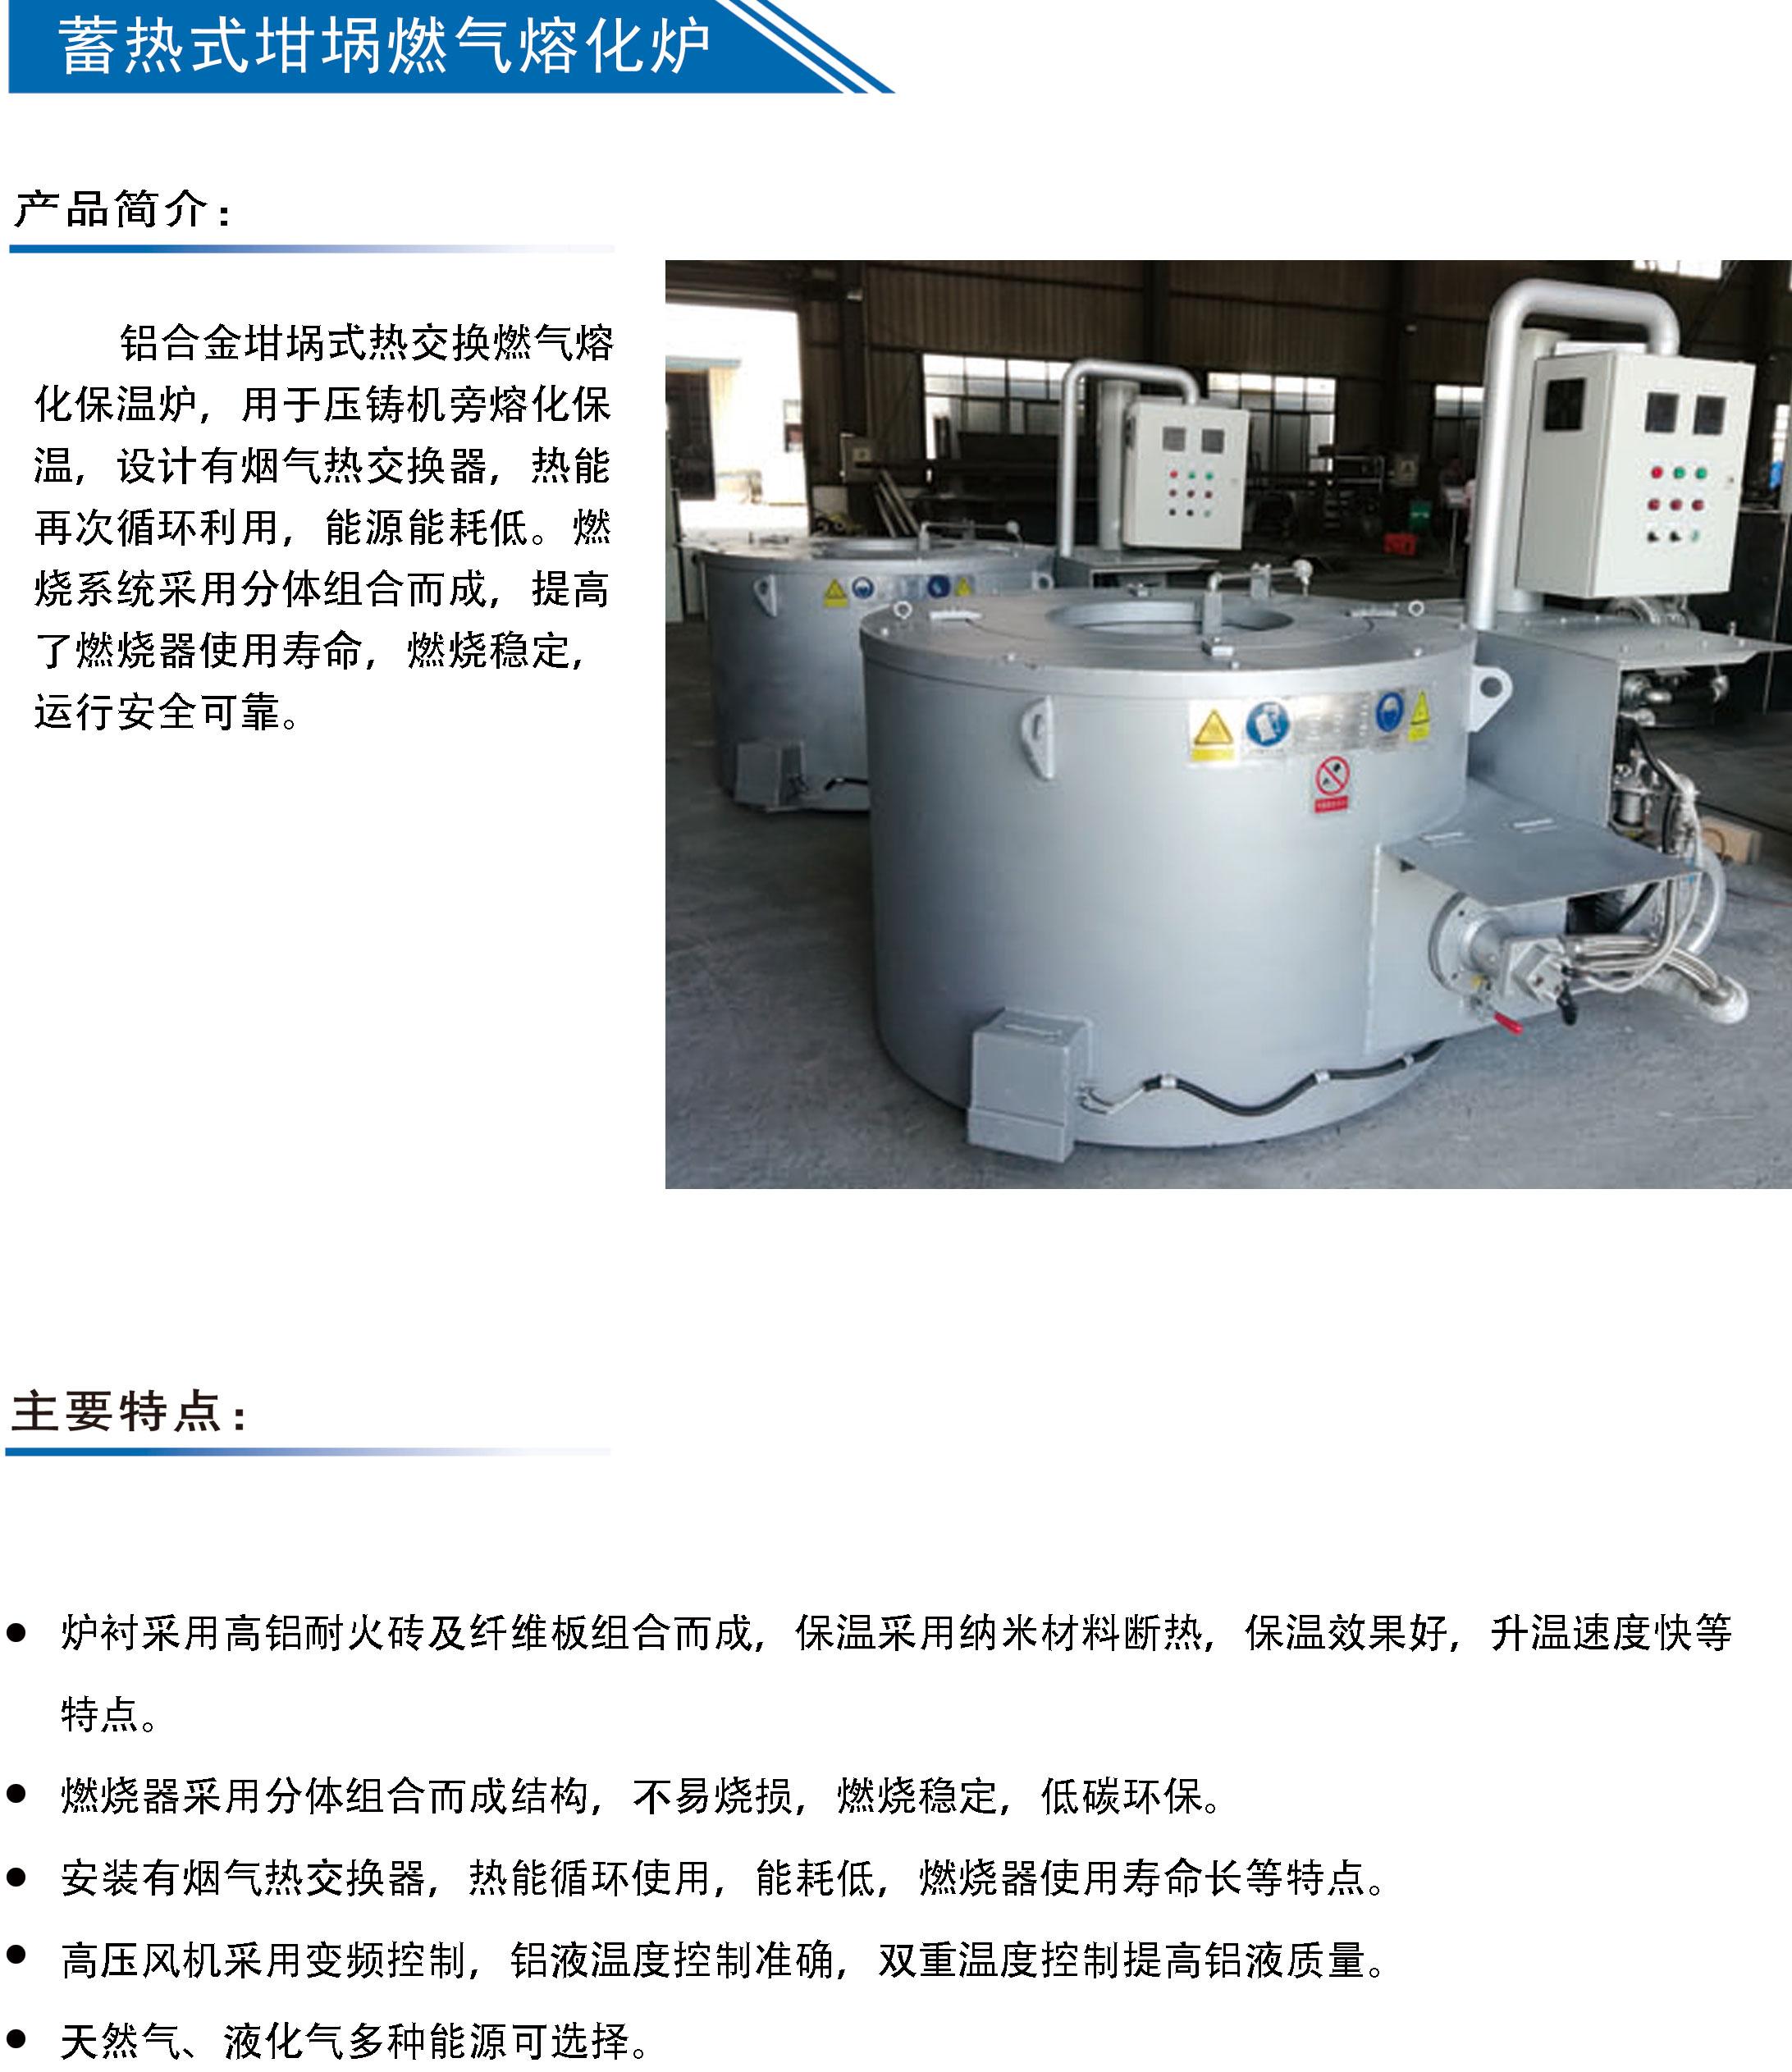 蓄热式坩埚燃气熔化炉